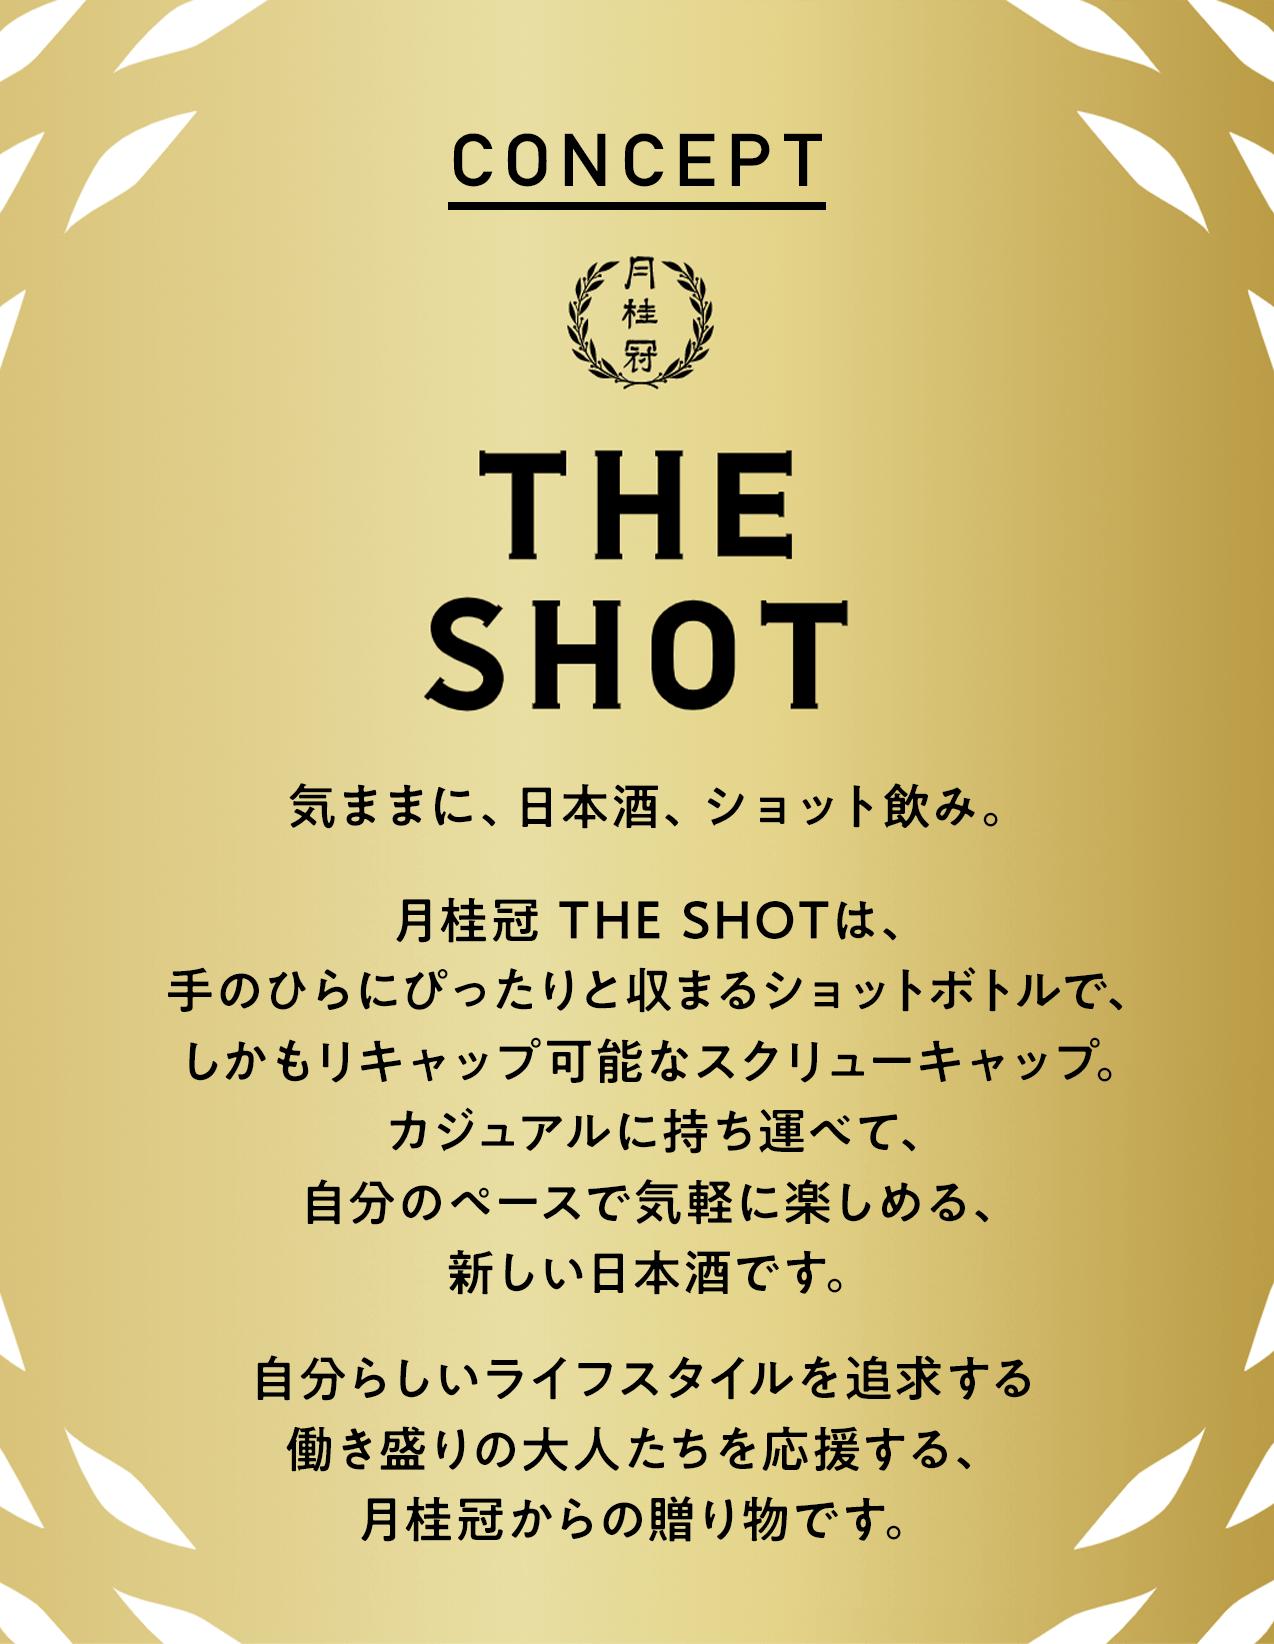 CONCEPT THE SHOT 気ままに、日本酒、ショット飲み。 月桂冠 THE SHOTは、 手のひらにぴったりと収まるショットボトルで、 しかもリキャップ可能なスクリューキャップ。 カジュアルに持ち運べて、 自分のペースで気軽に楽しめる、 新しい日本酒です。  自分らしいライフスタイルを追求する 働き盛りの大人たちを応援する、 月桂冠からの贈り物です。